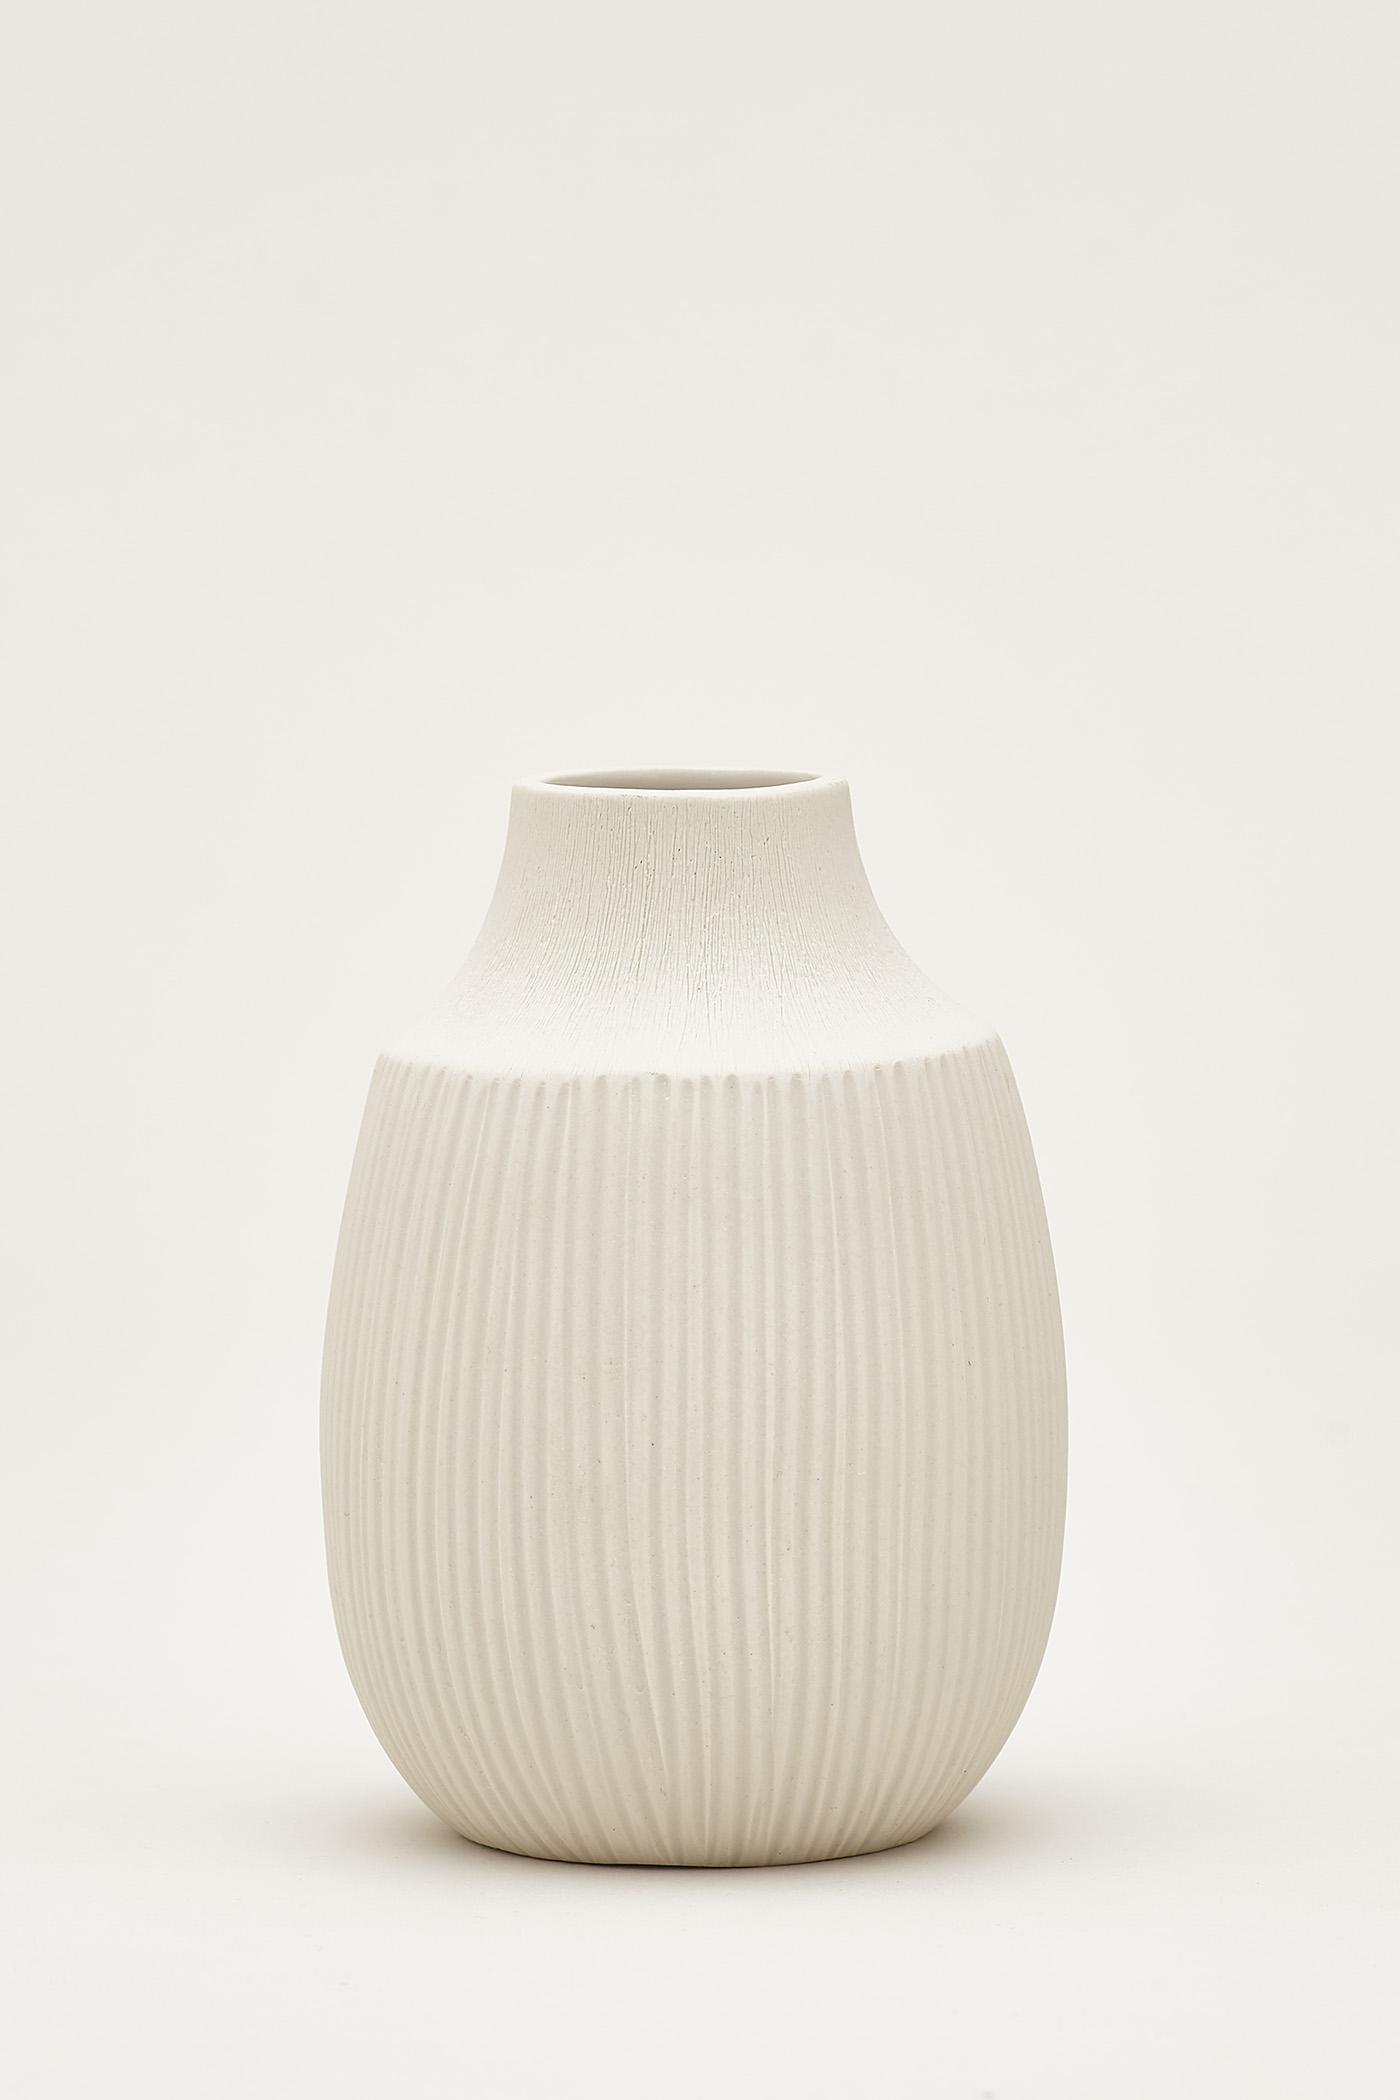 Kiro Embossed-Line Ceramic Vase